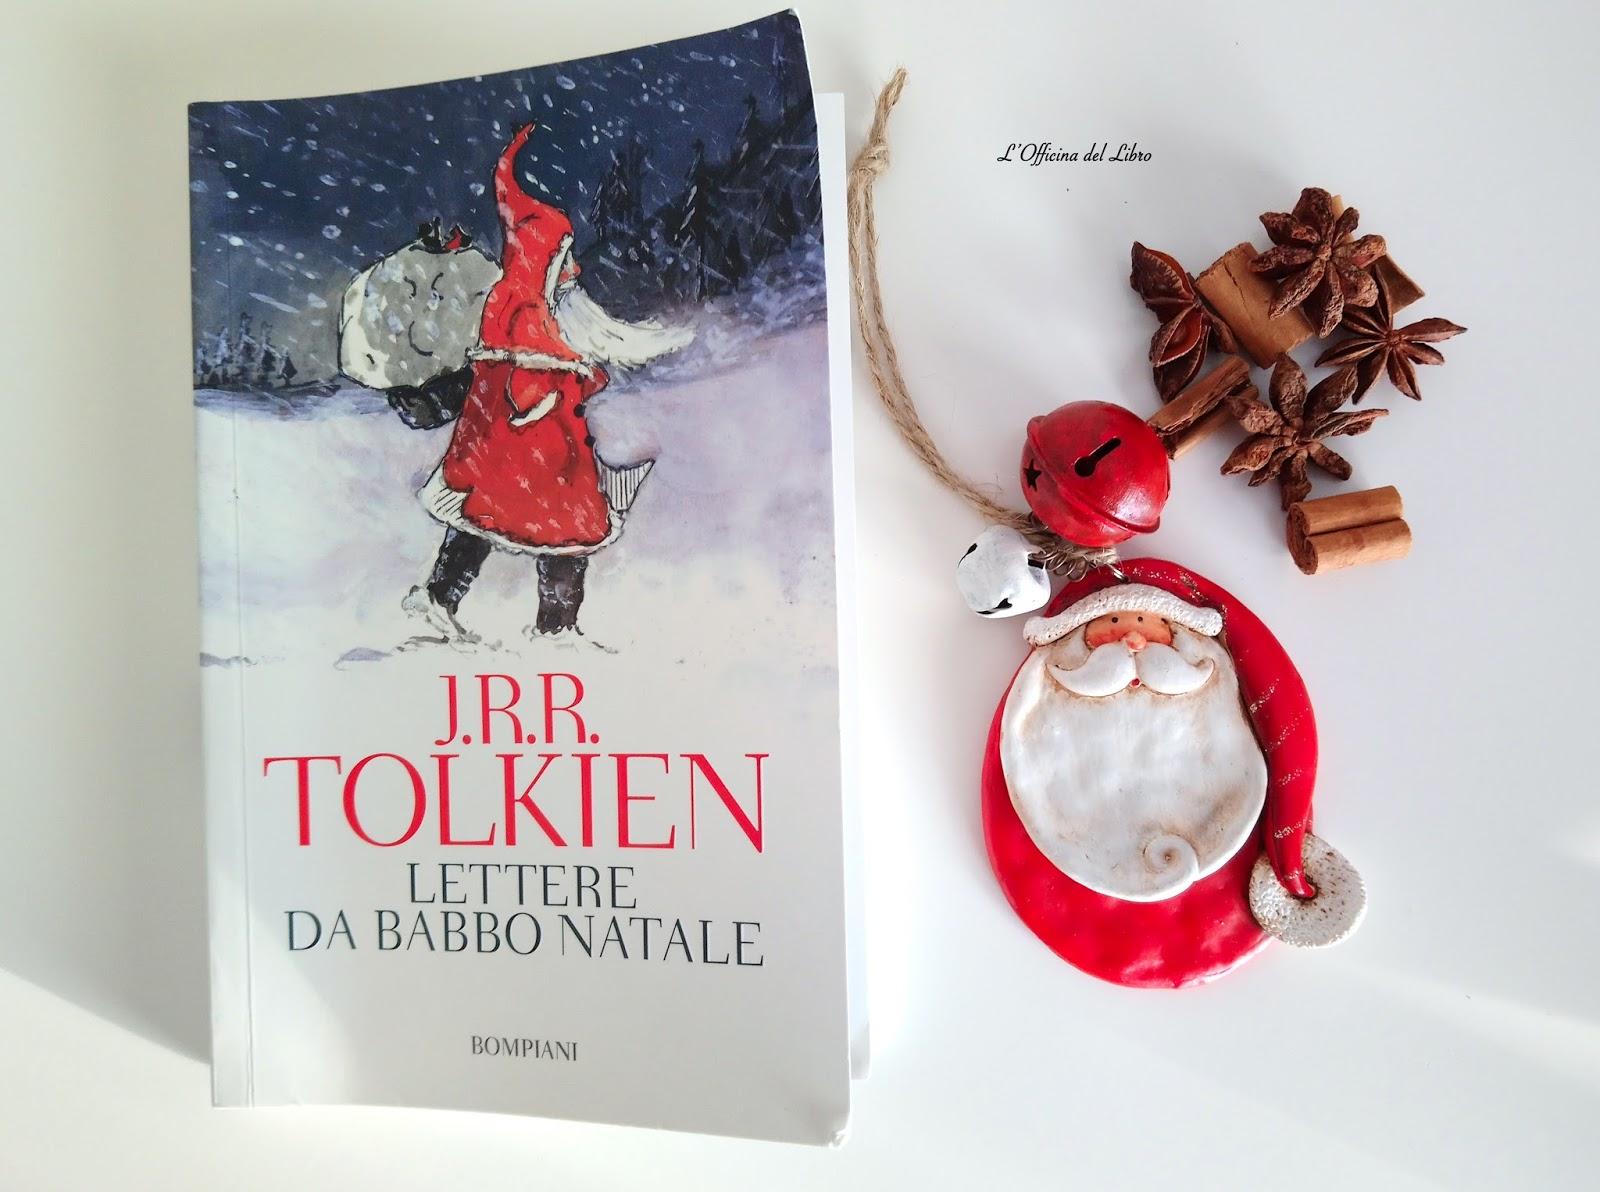 Le Lettere Di Babbo Natale.L Officina Del Libro Recensione Lettere Da Babbo Natale Di